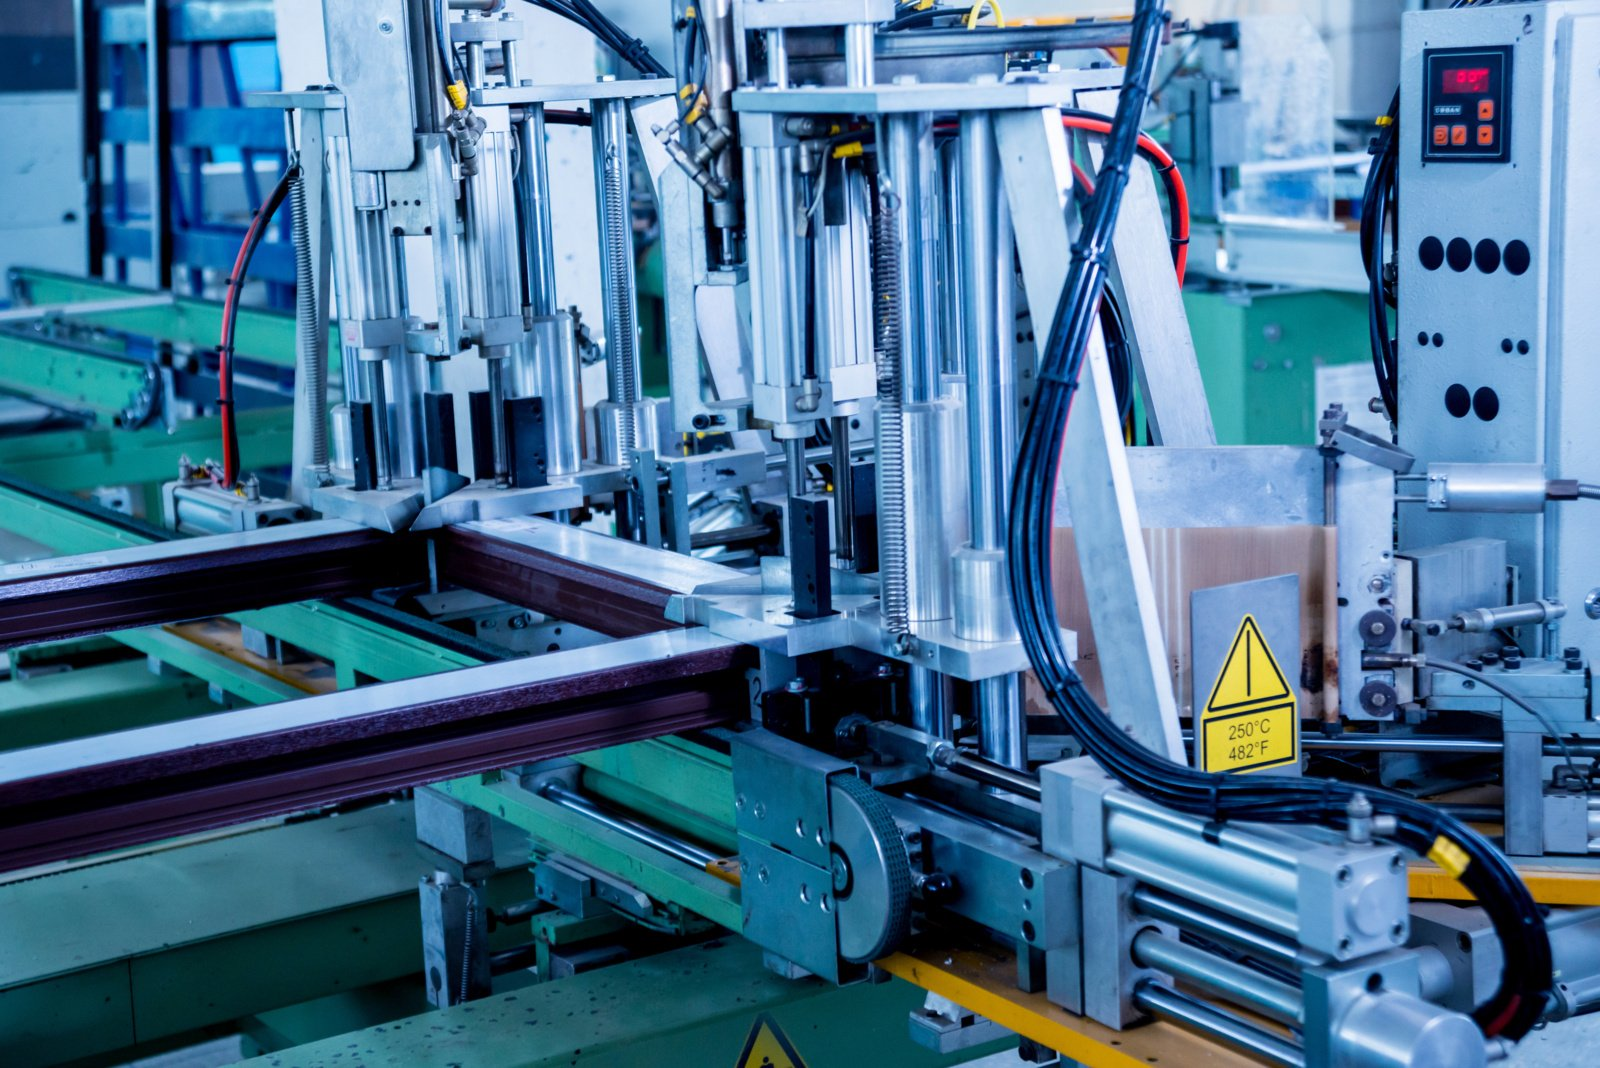 Mokslininkai: automatizacijai atspariausios darbo vietos – Neringos savivaldybėje, didžiausioje rizikoje – Kalvarijos